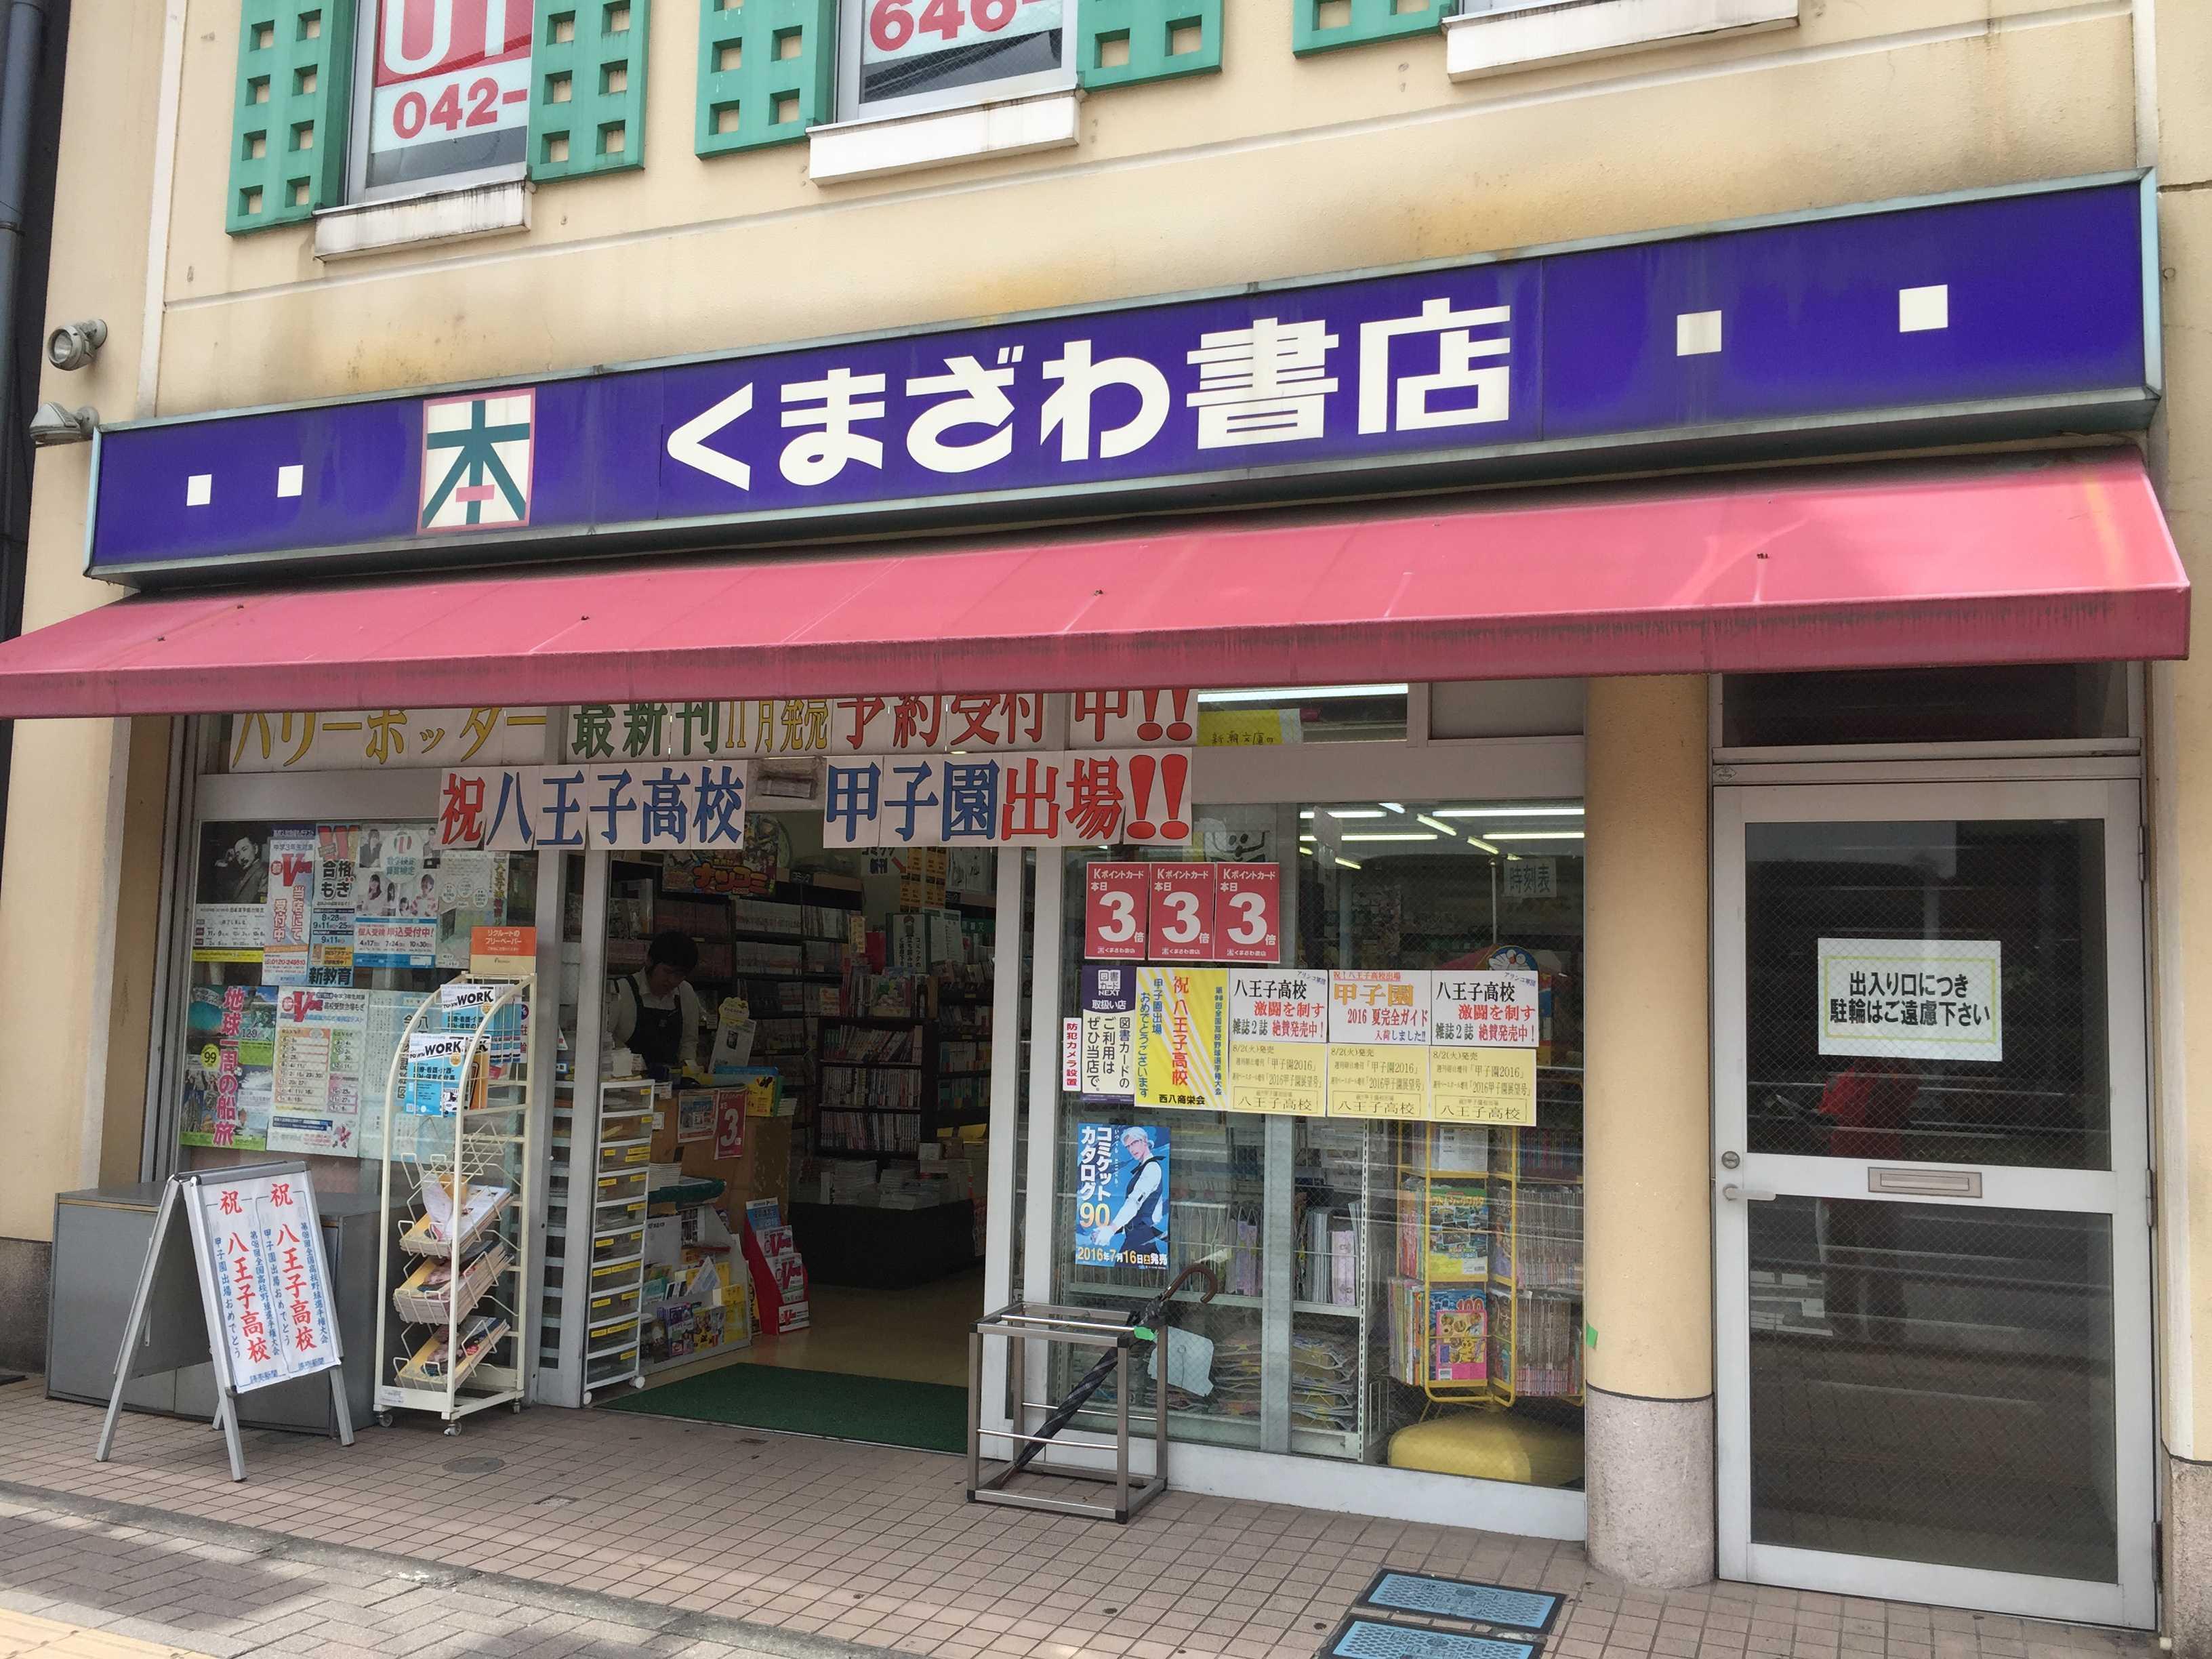 JR西八王子駅 北口駅前 くまざわ書店